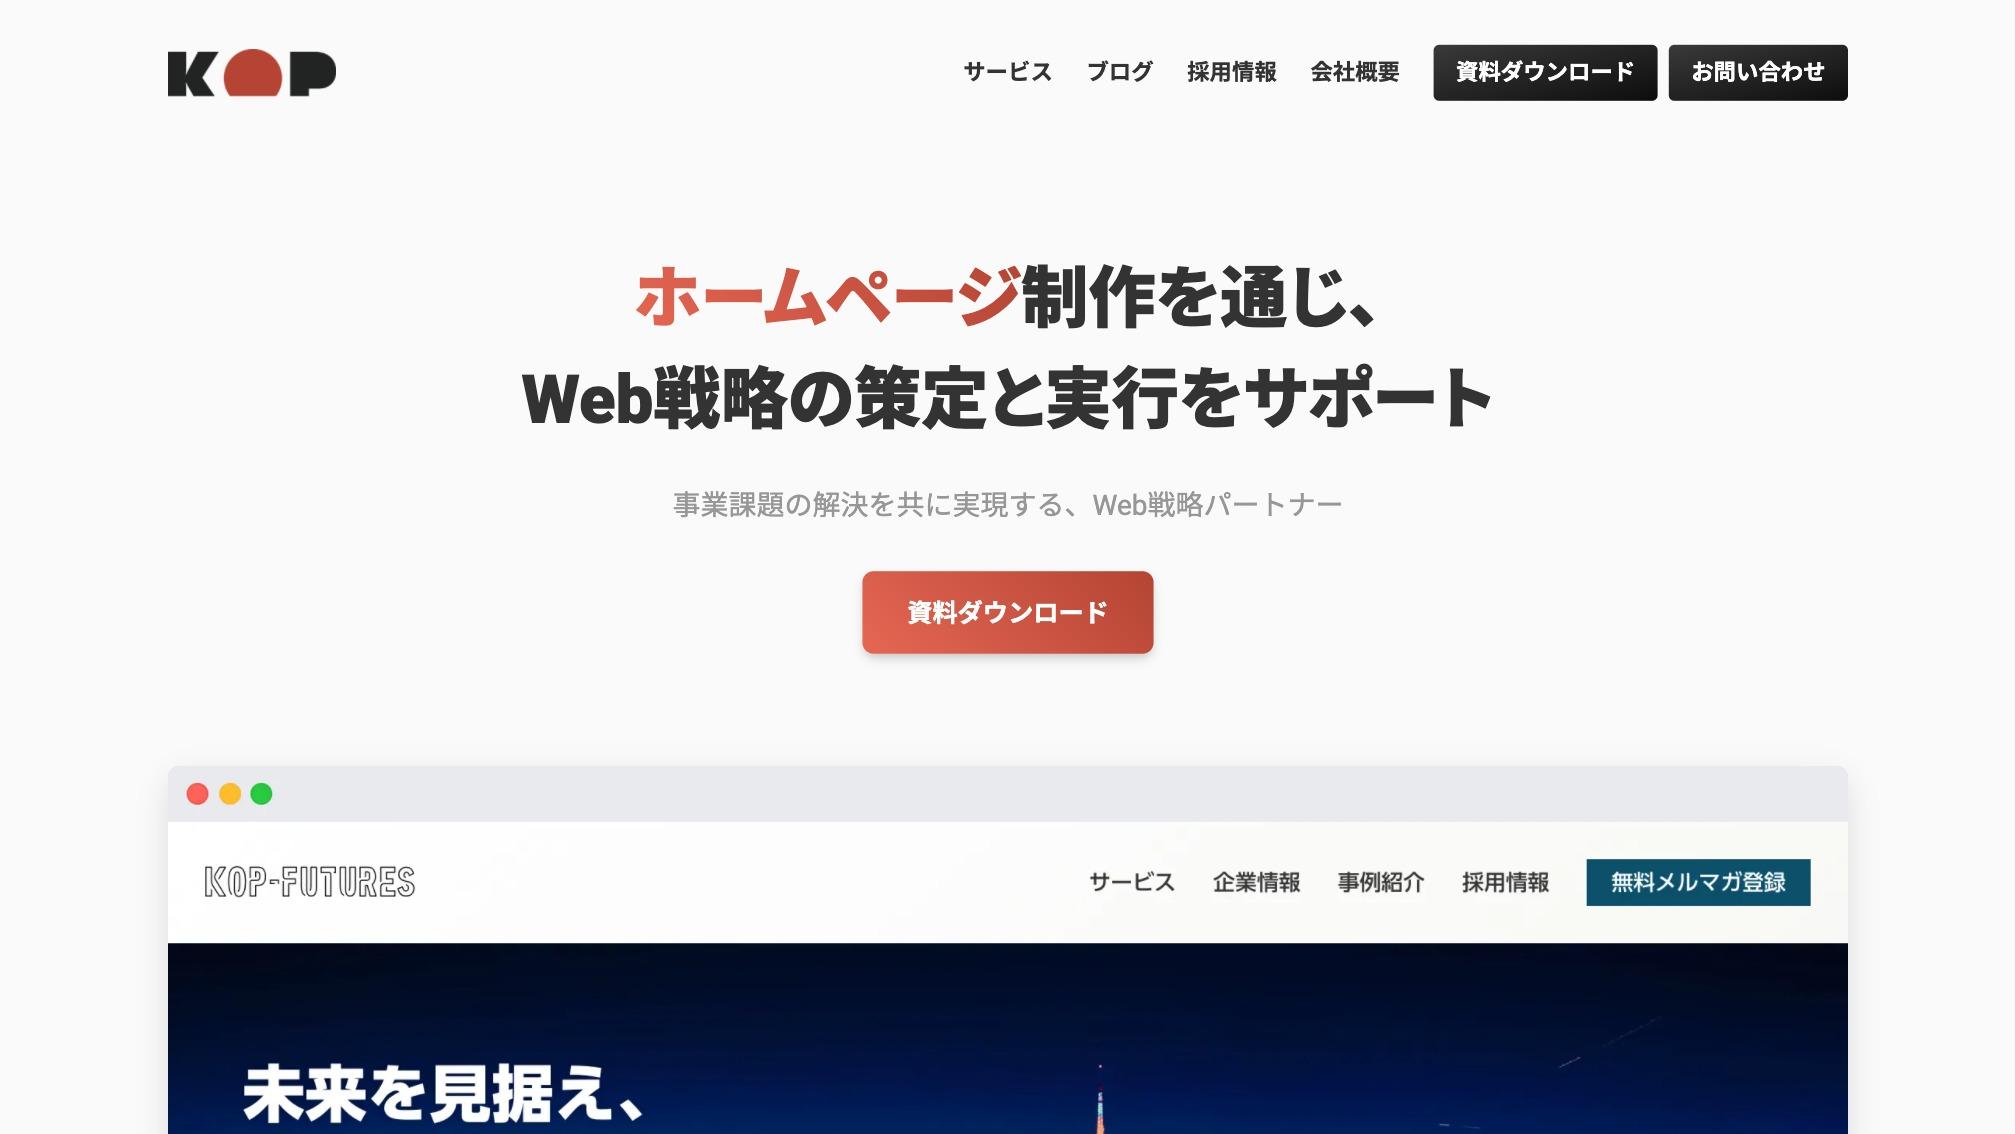 ホームページ制作は東京の株式会社KOP